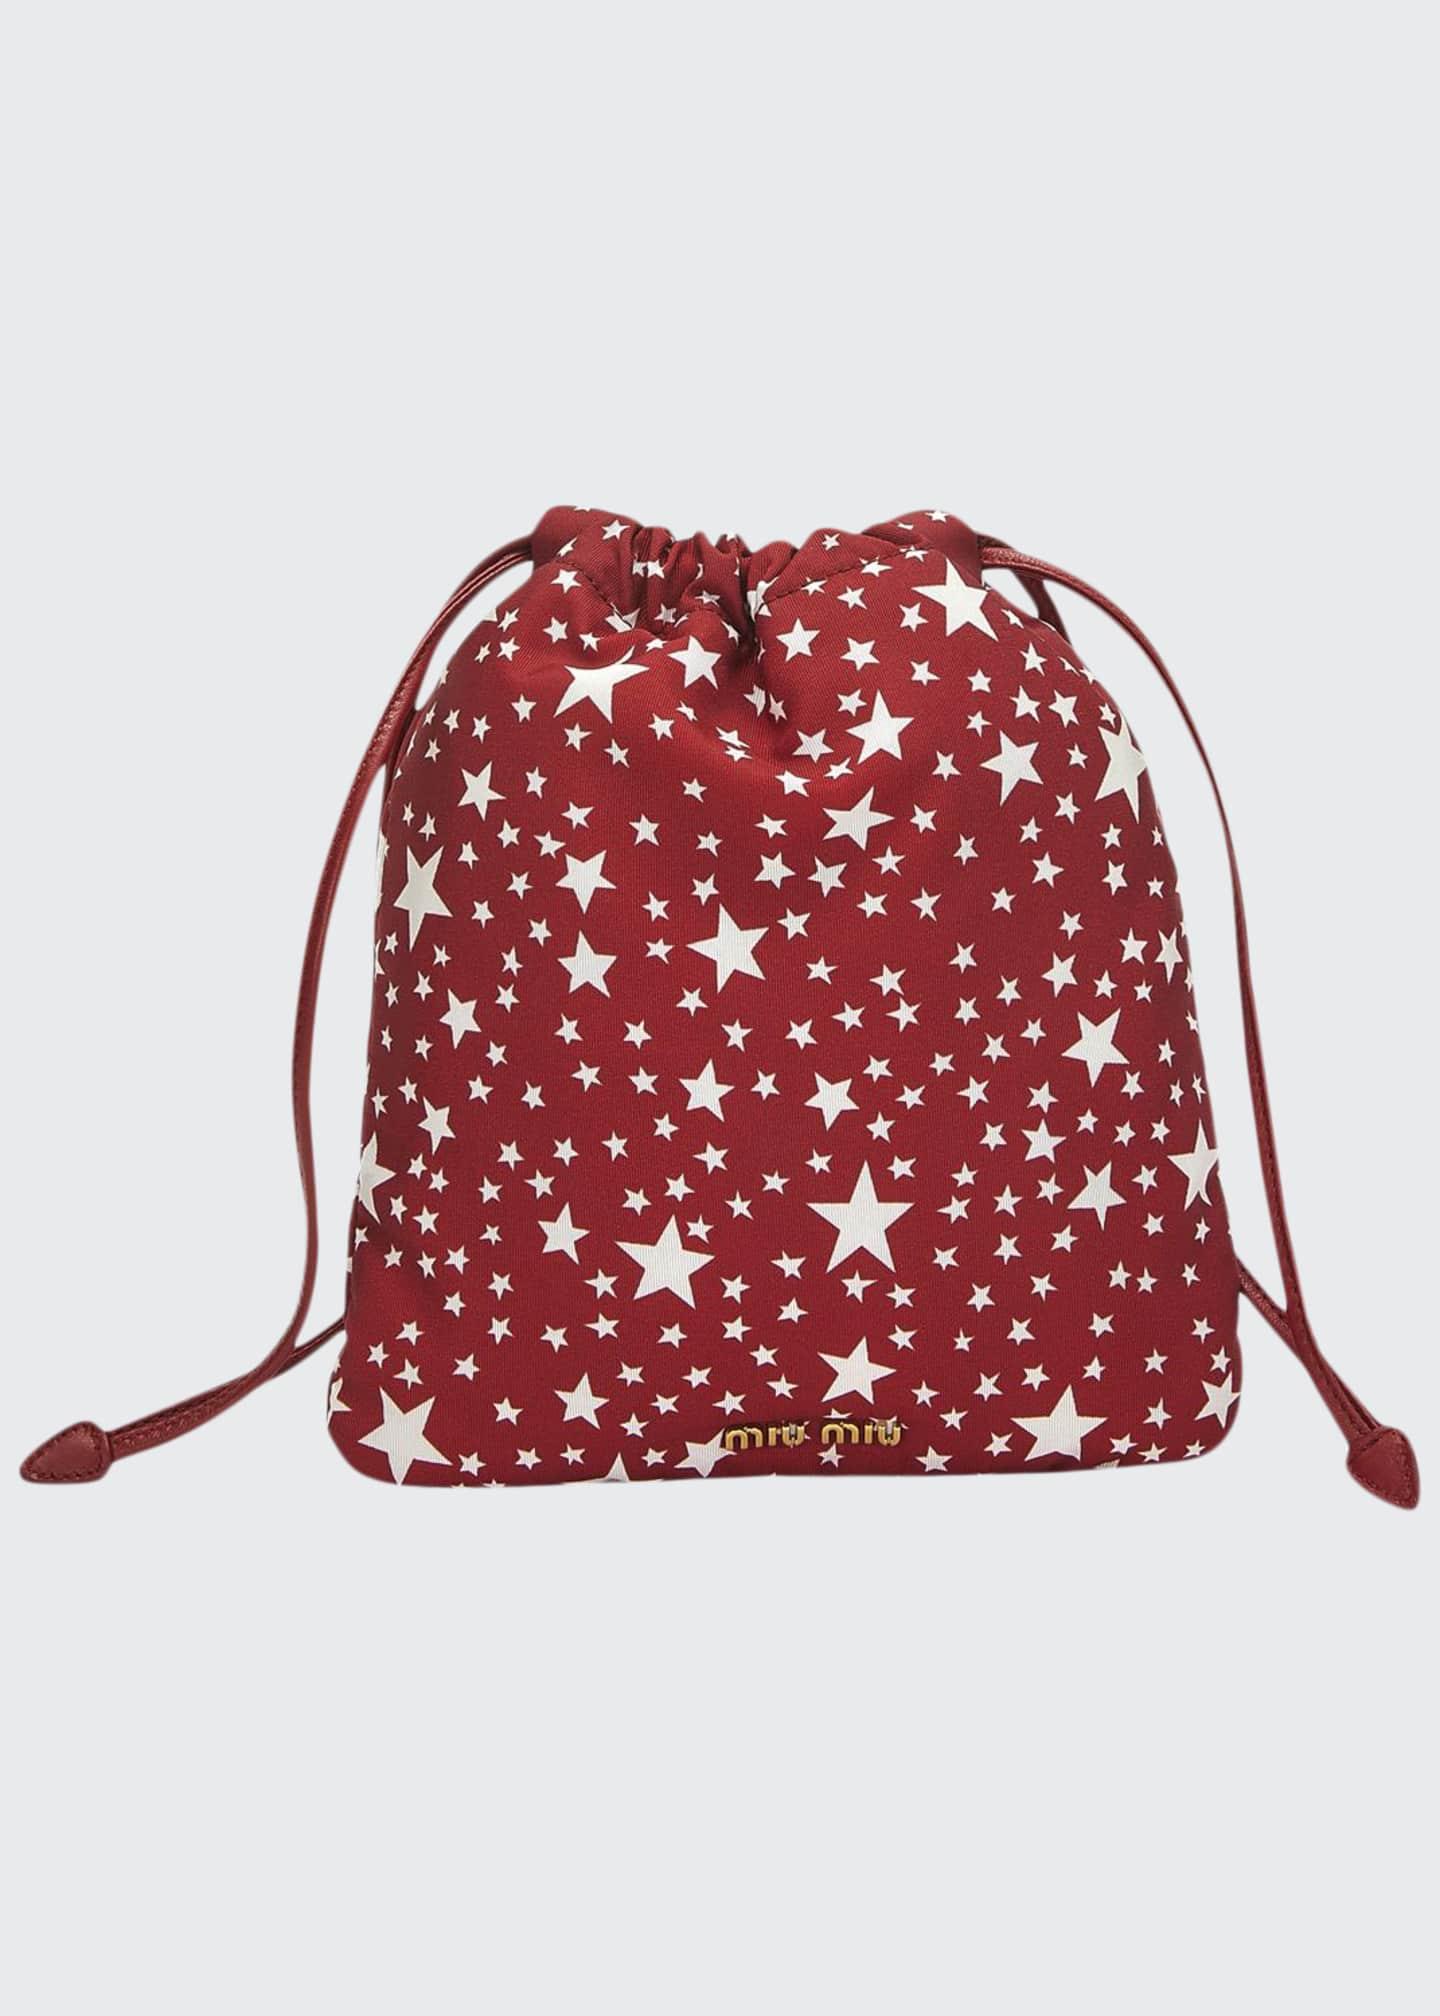 Miu Miu Faille Stelle Drawstring Pouch Bag